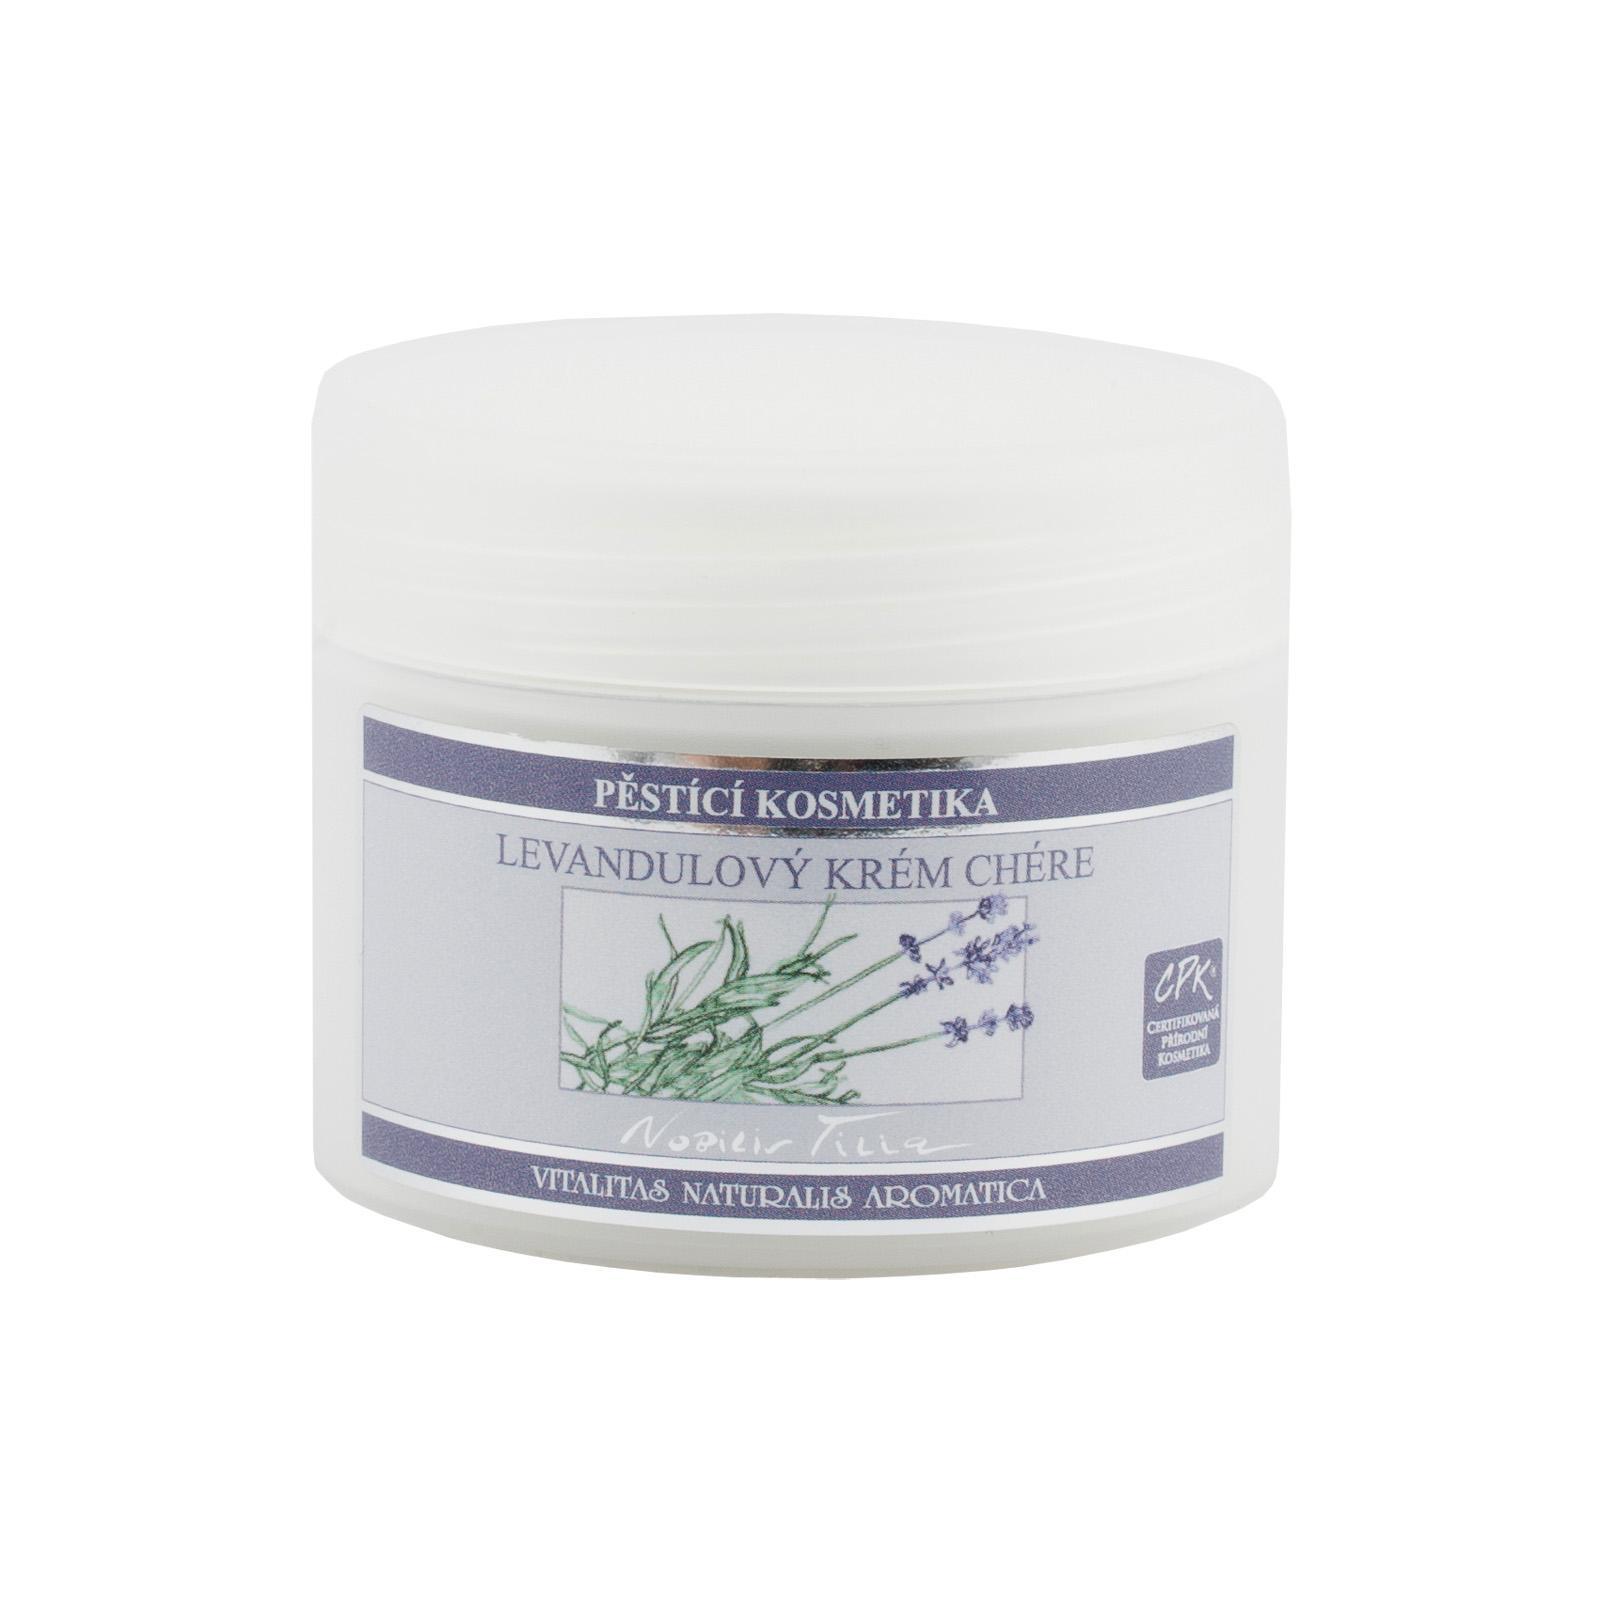 Nobilis Tilia Levandulový krém Chére 50 ml